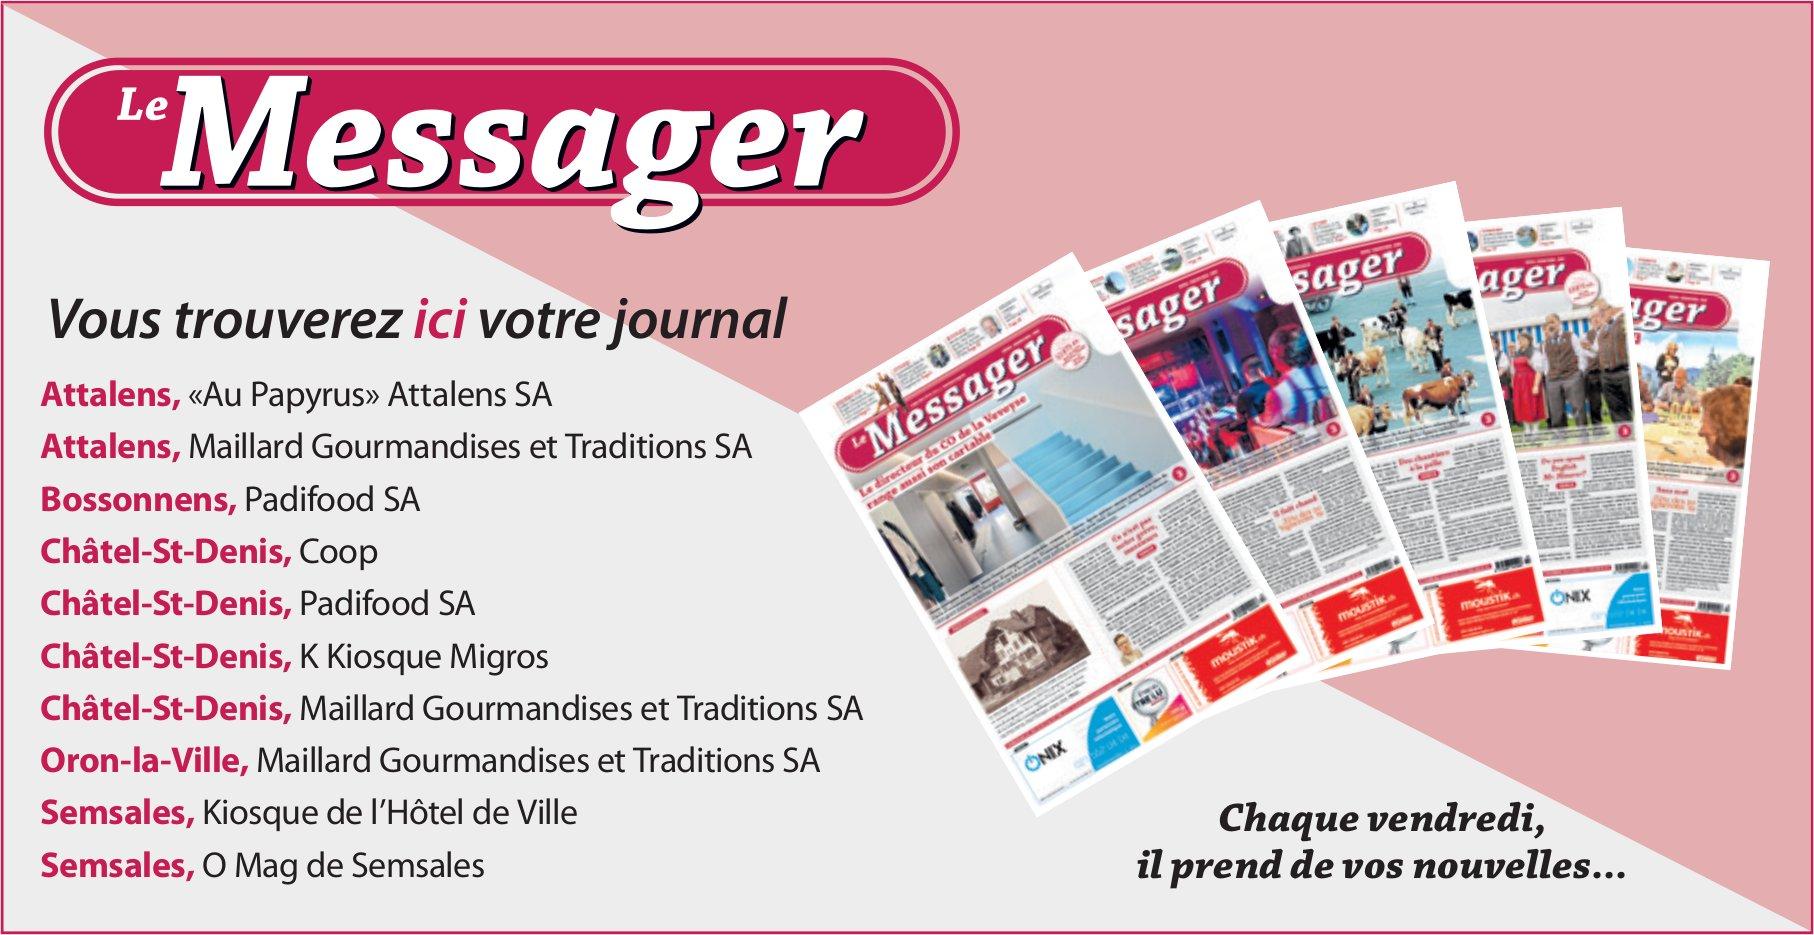 Le Messager - Vous trouverez ici votre journal